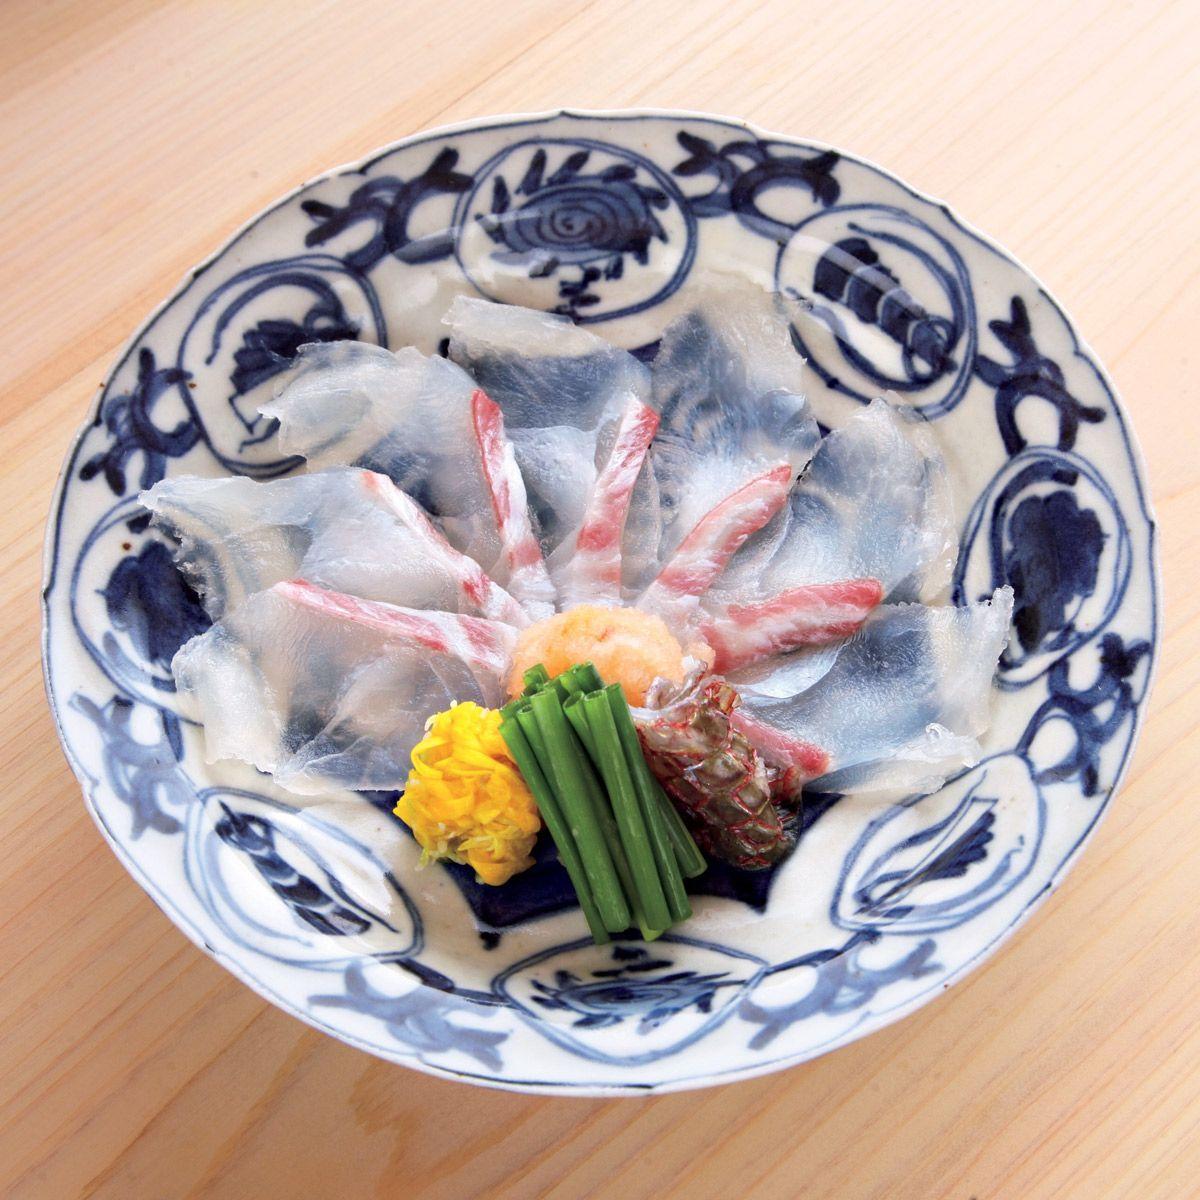 多仁本」(日本料理)犬養裕美子のレストランガイド。 | 日本料理 ...